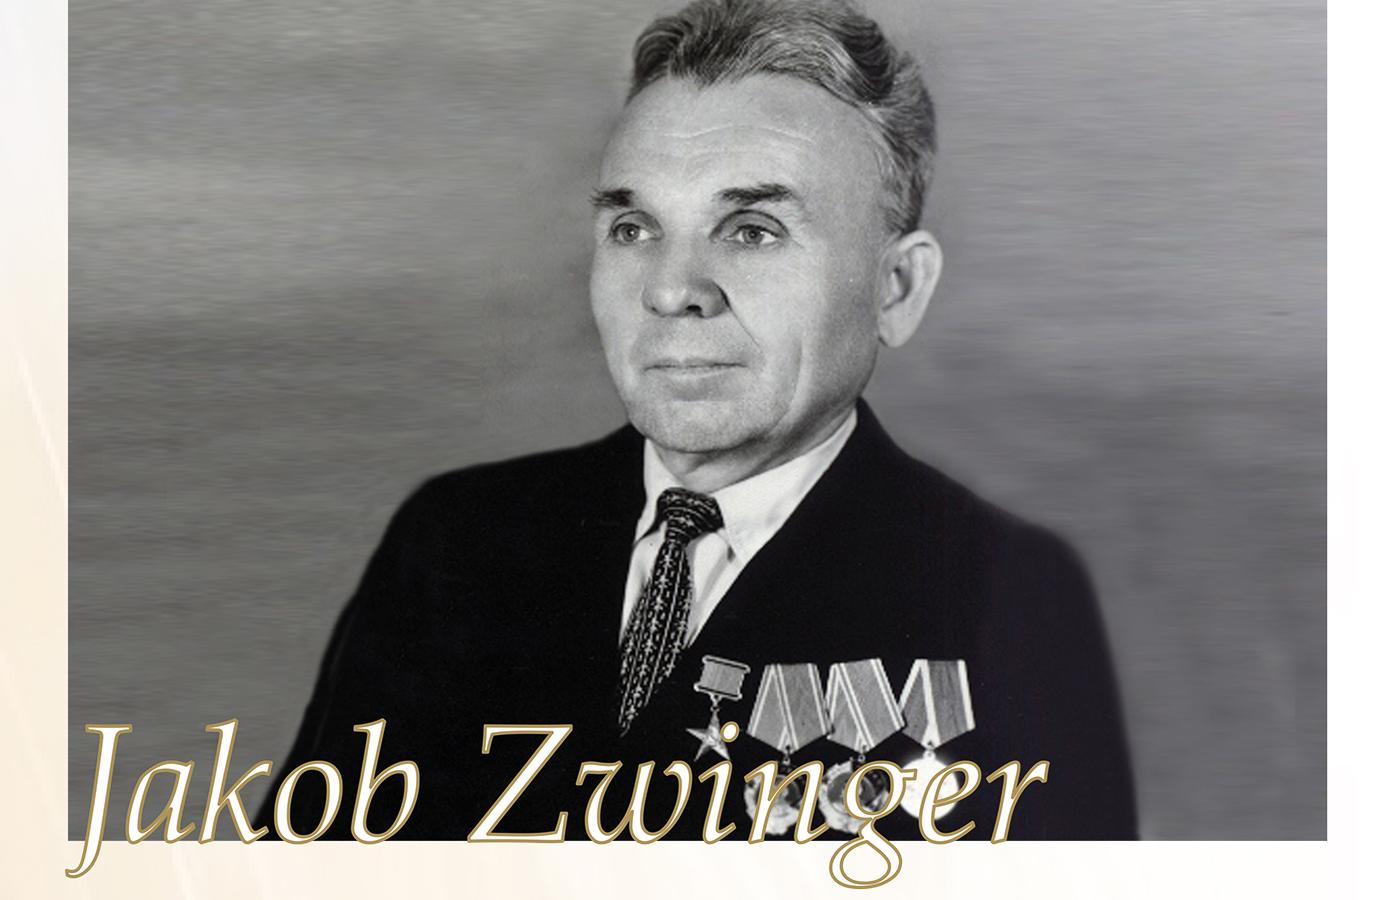 Jakob Zwinger